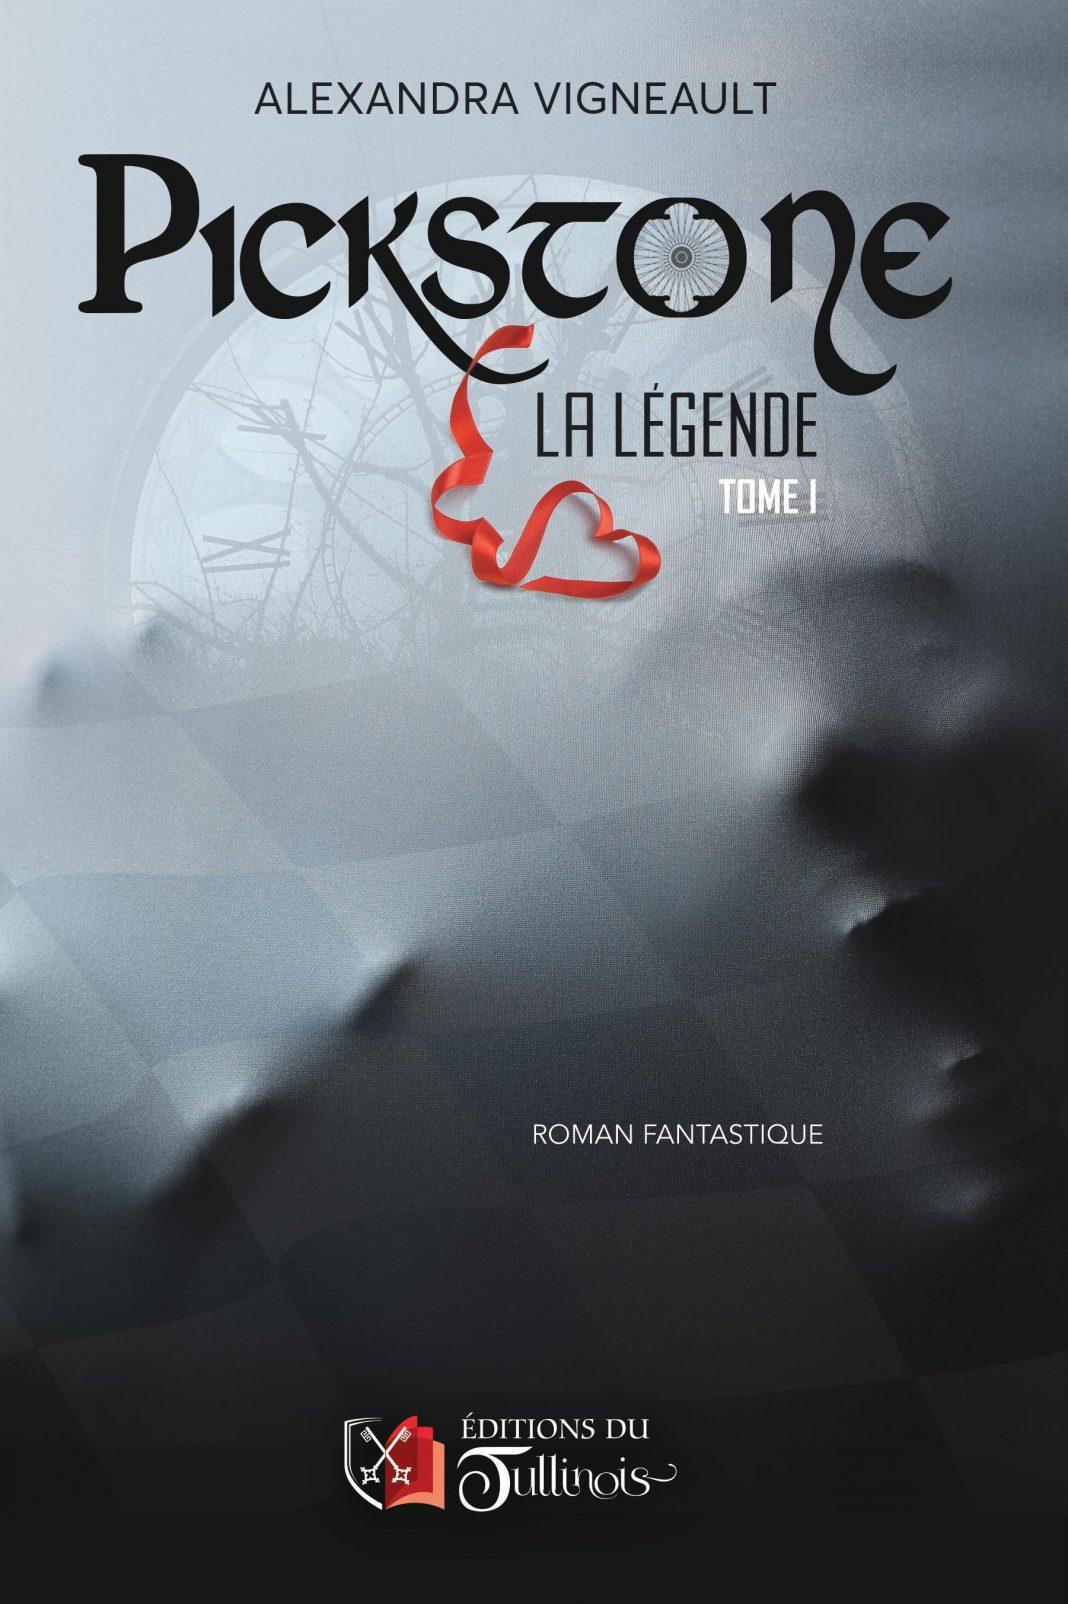 Lancement Du Livre Pickstone La Legende Tome I De L